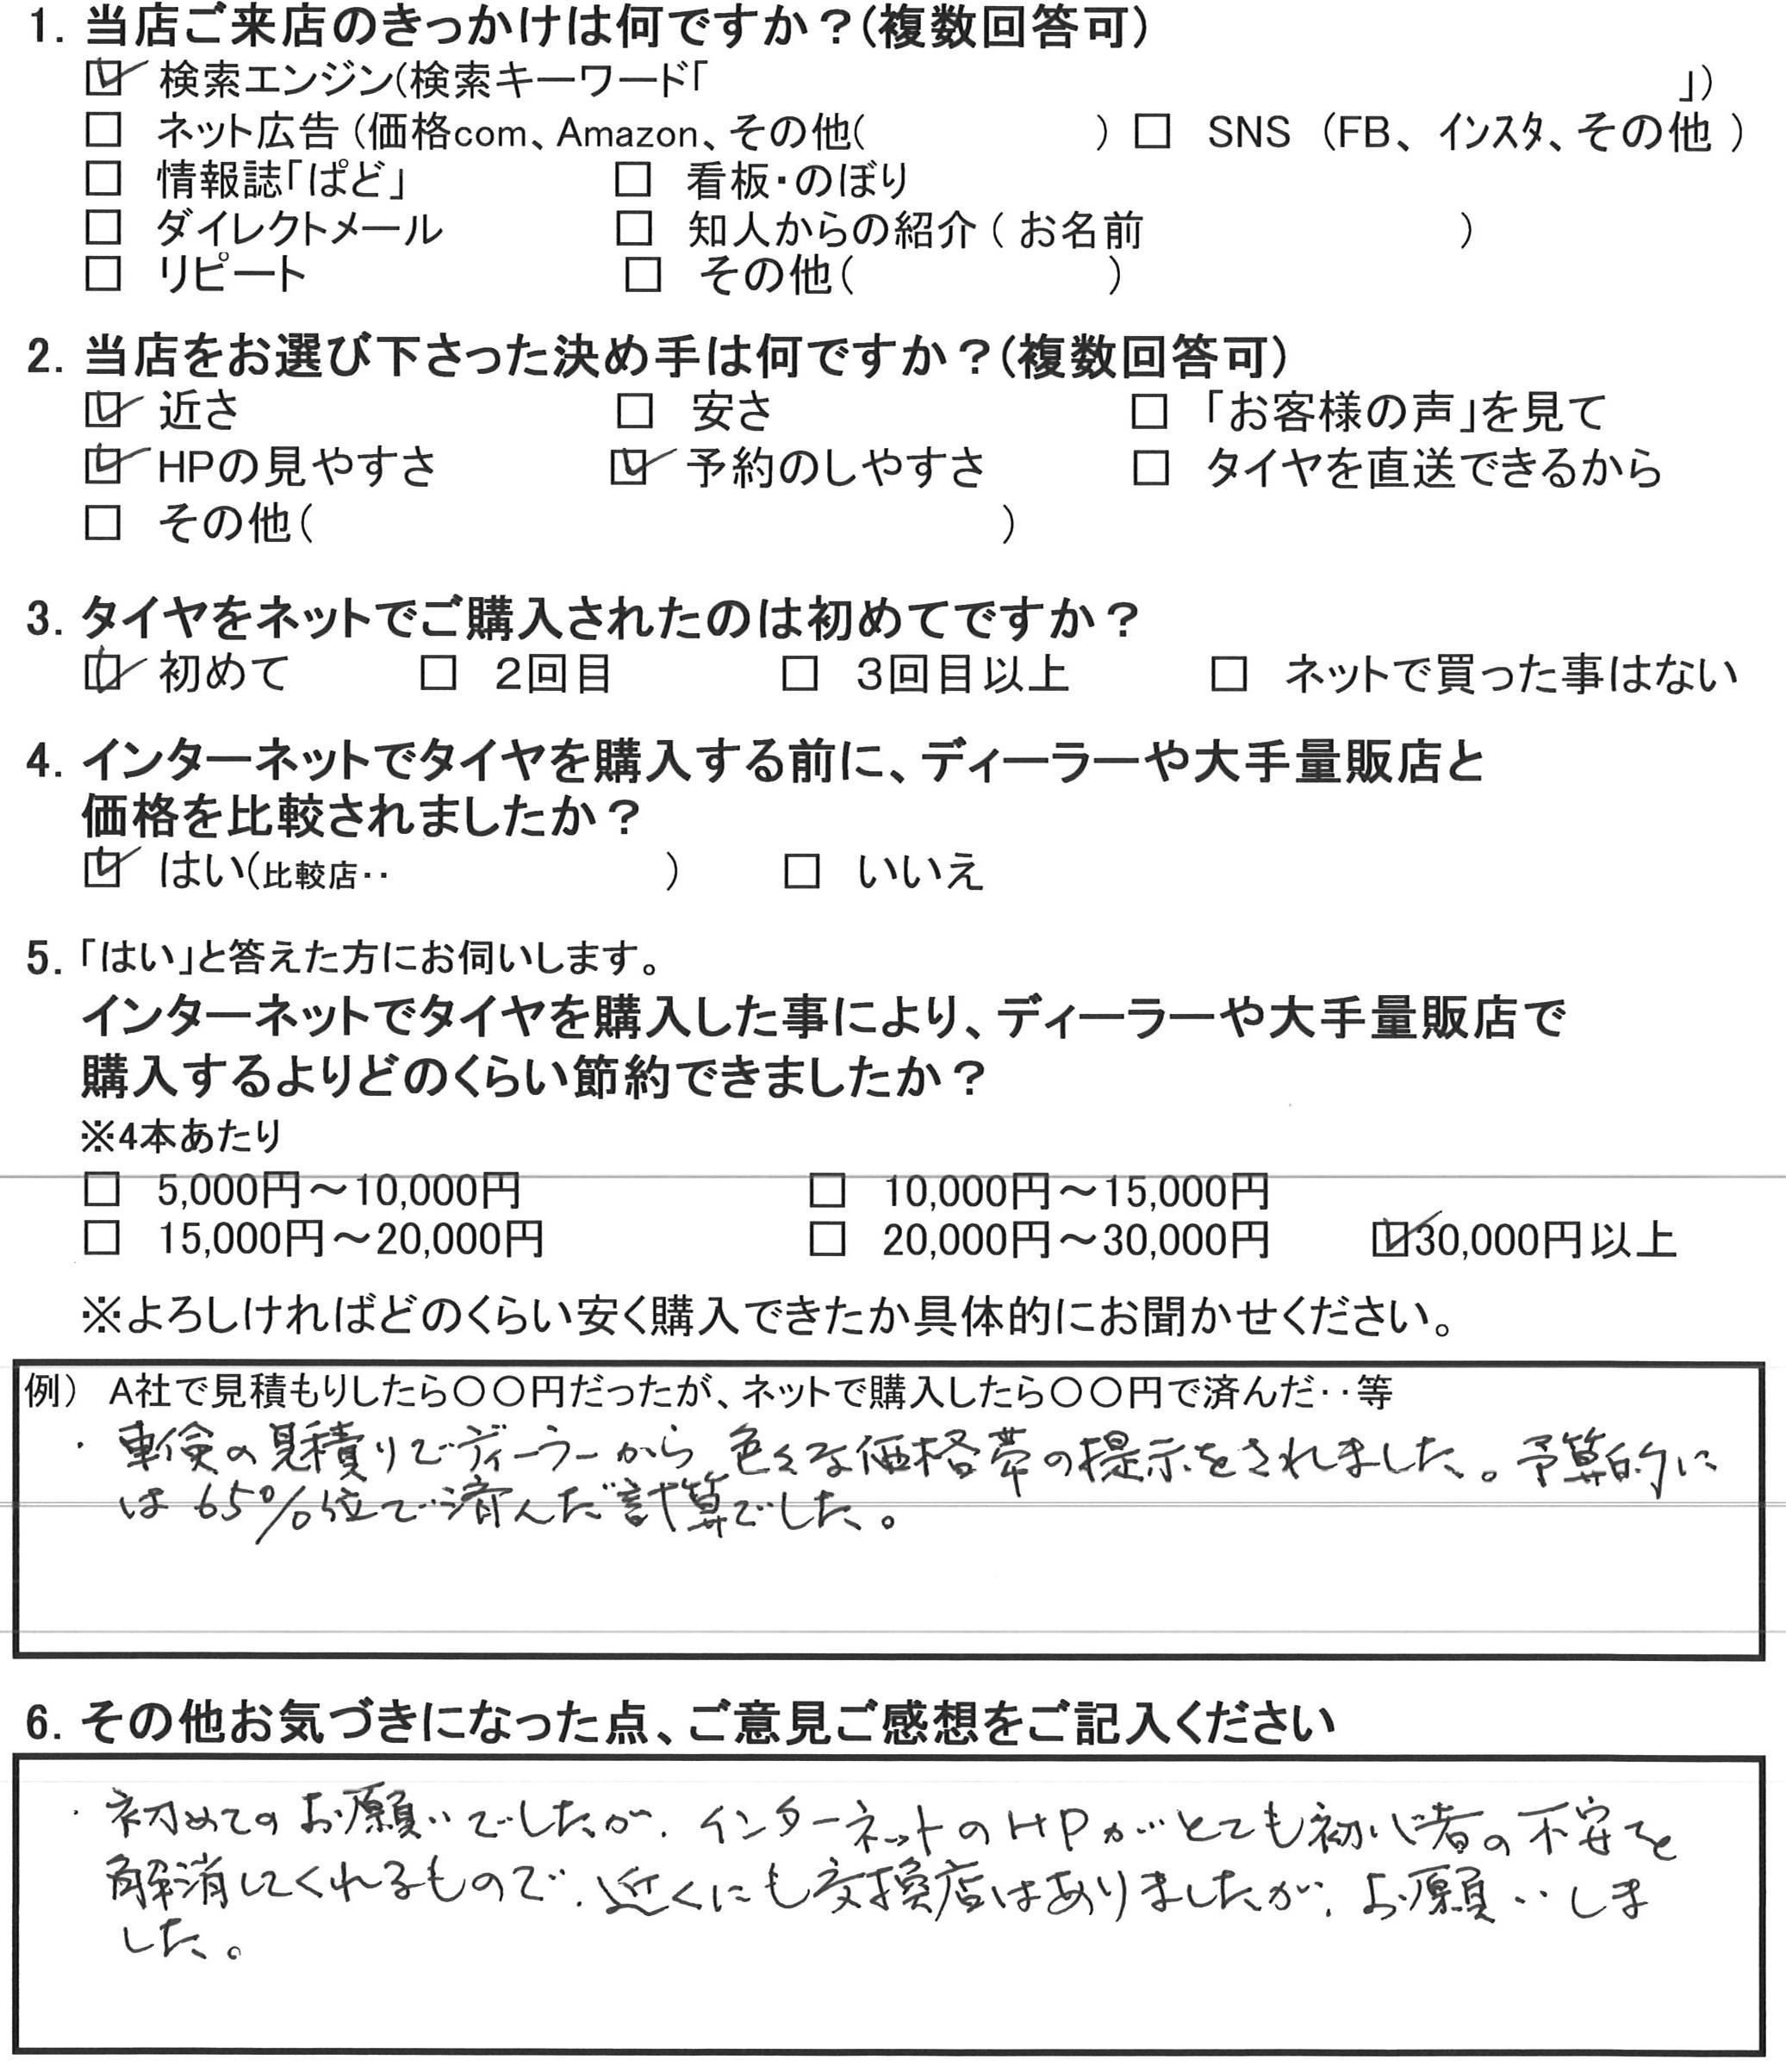 横浜市O様 インスパイアのタイヤ交換で約3万円以上のお得!「HPが初心者の不安を解消」